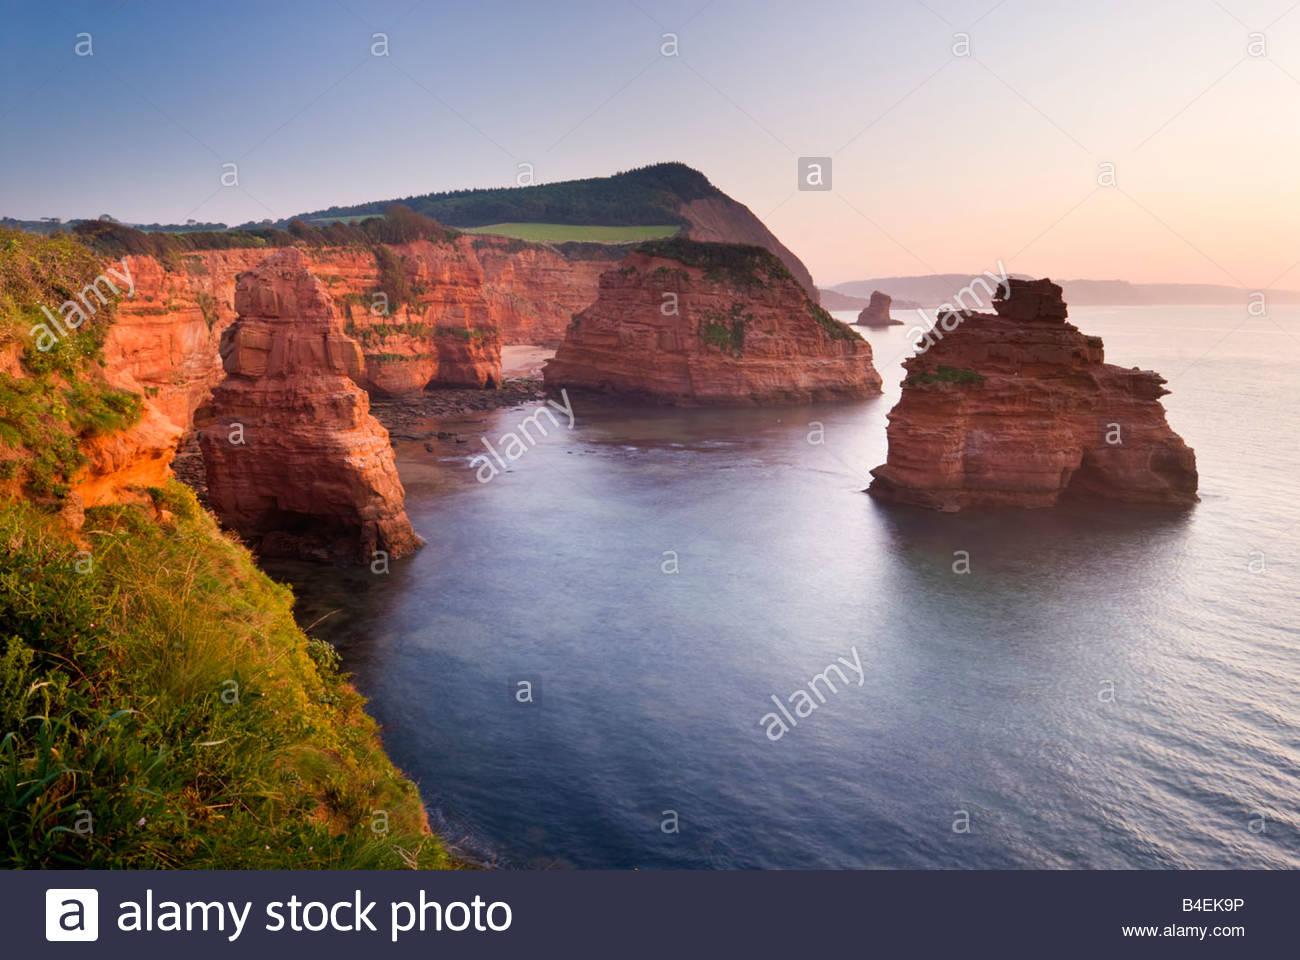 Ladram Bay, près de Sidmouth, l'est du Devon, Sud-ouest de l'Angleterre. Photo Stock